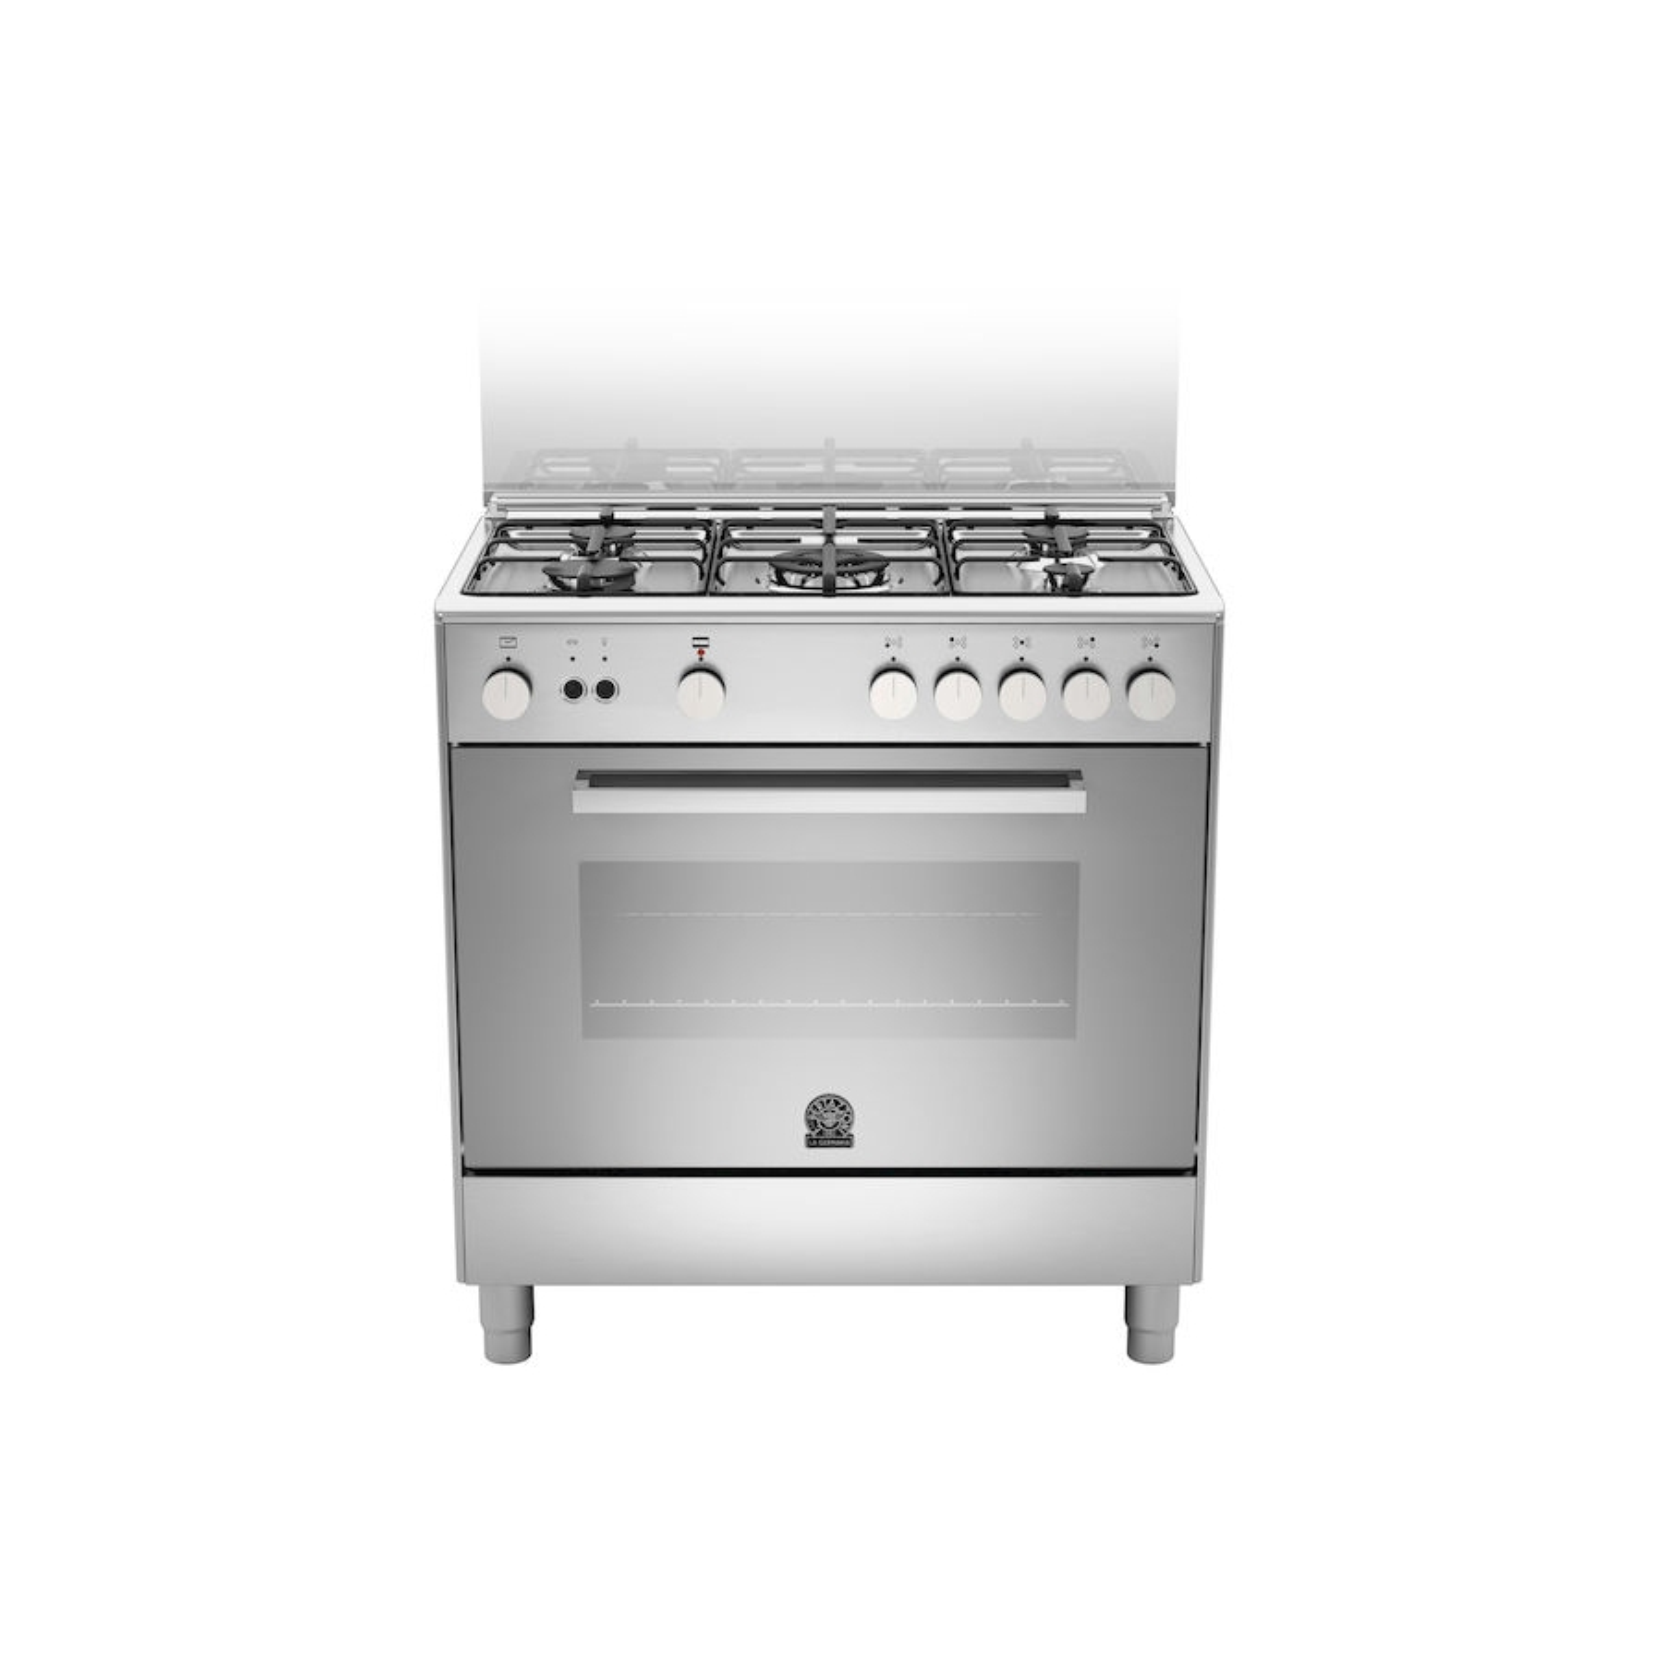 La germania tu85c71dx 13 cucina a gas 5 fuochi inox 80x50 forno gas ventilato garanzia italia - Cucina a gas 5 fuochi ...